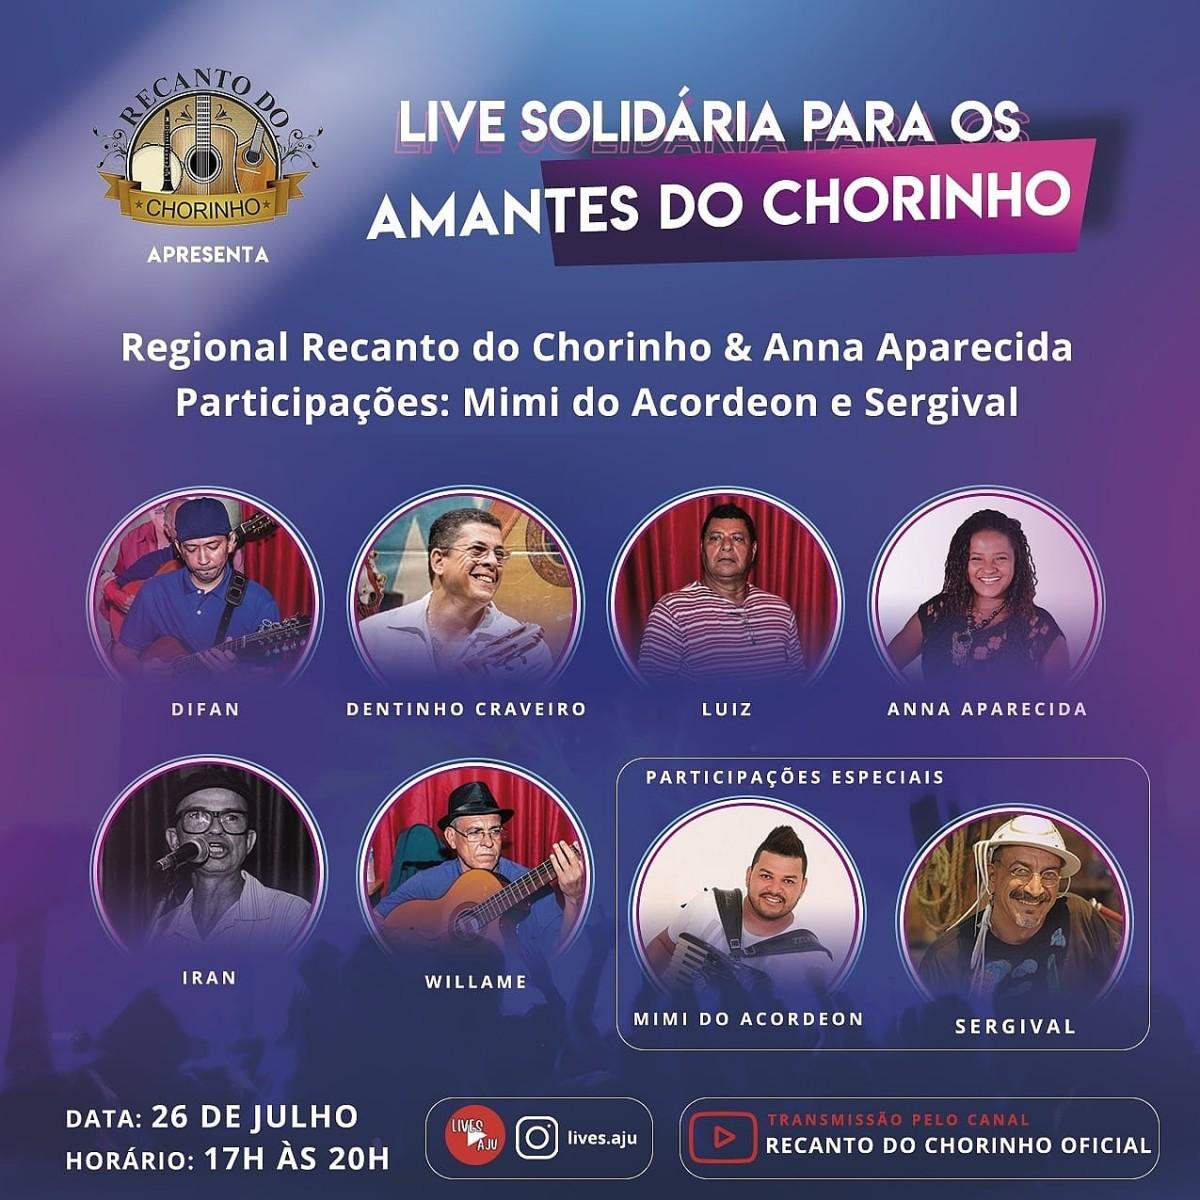 Live solidária para os amantes do chorinho (Imagem: Assessoria do Evento)